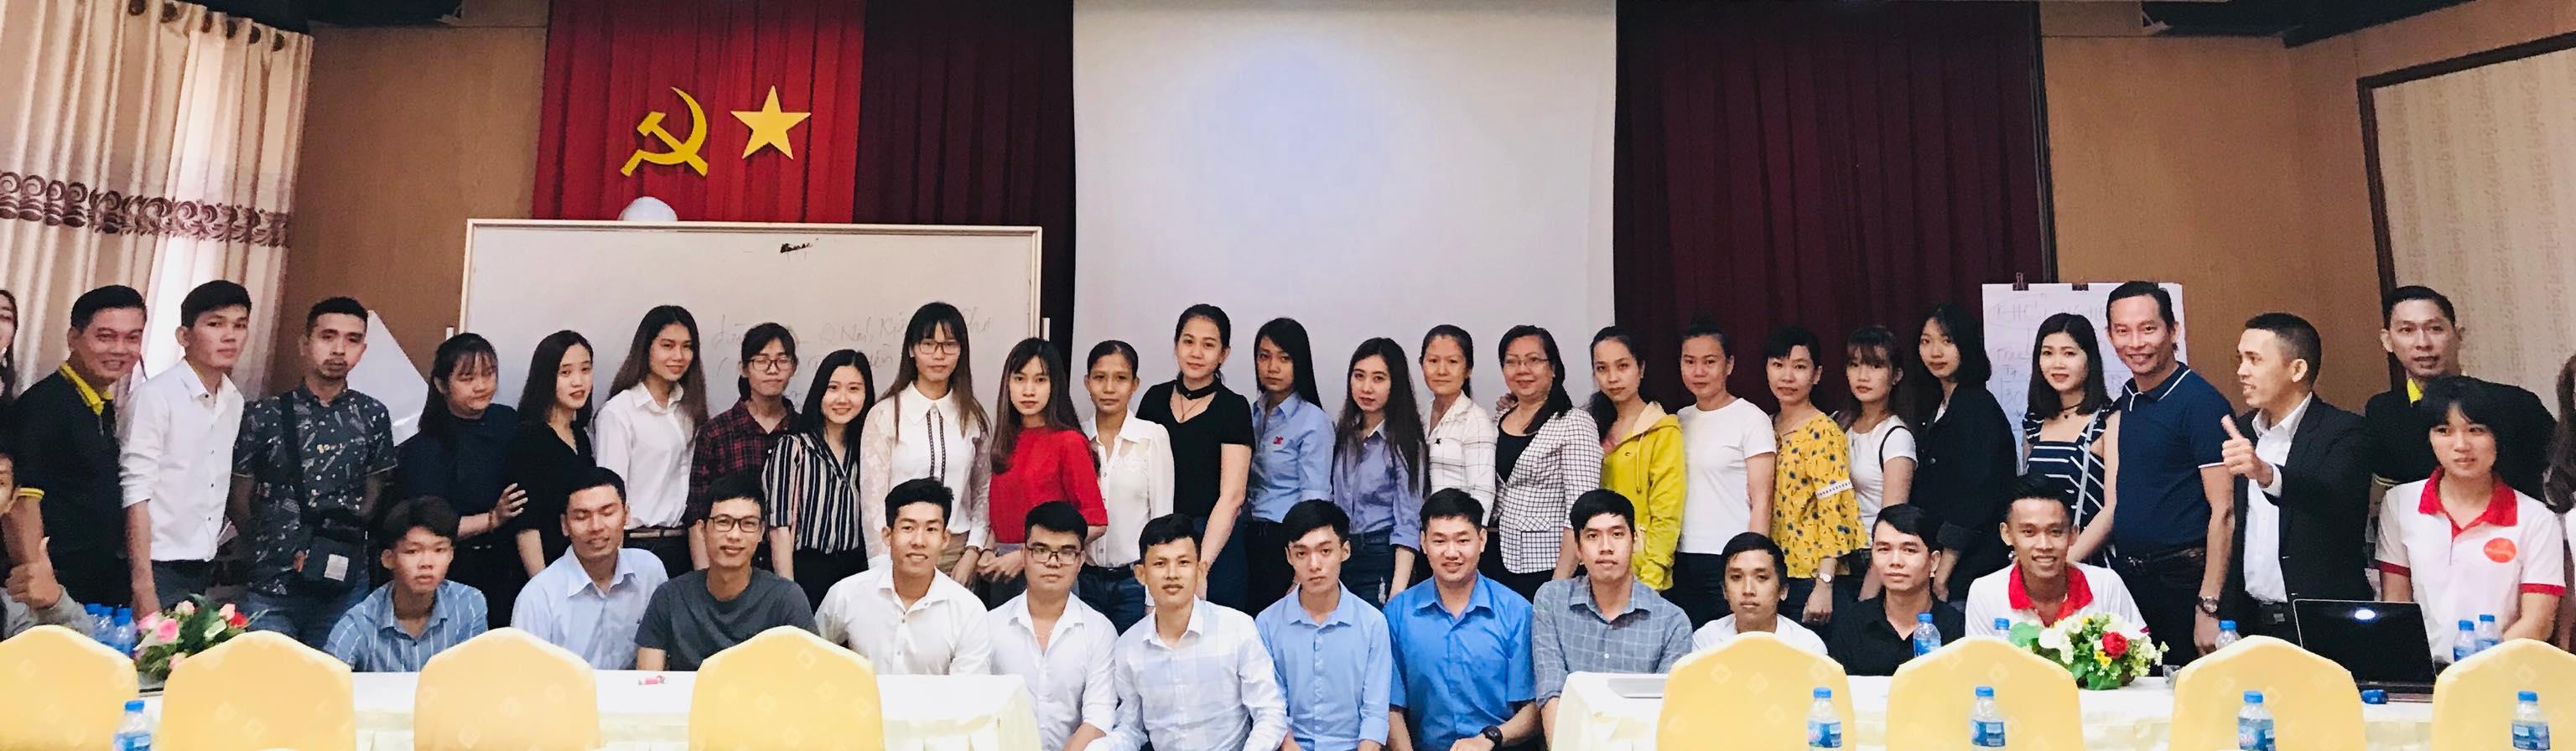 BEST - Lộ trình khởi nghề đến khởi nghiệp đầu tiên tại Cần Thơ